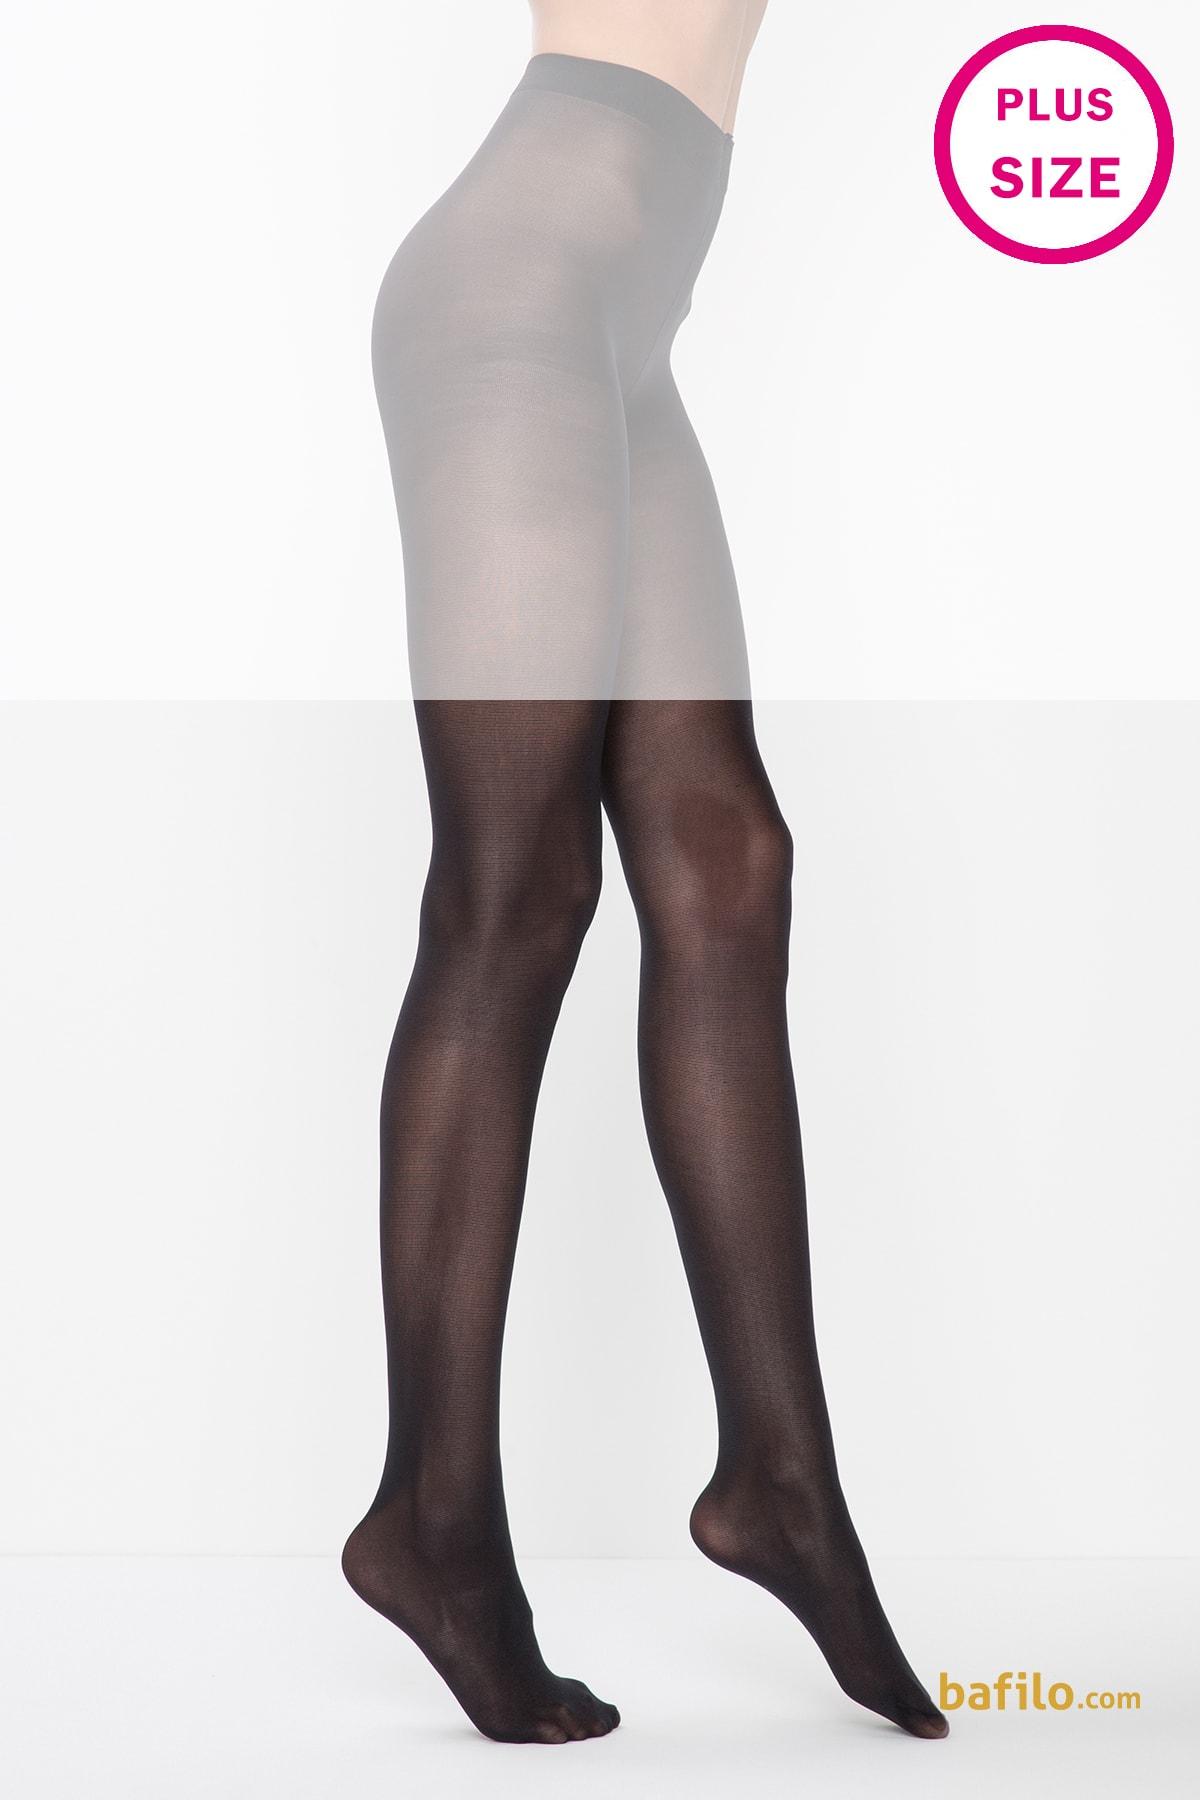 جوراب شلواری سایز بزرگ زنانه پنتی Mikro 40 مشکی - Thumbnail